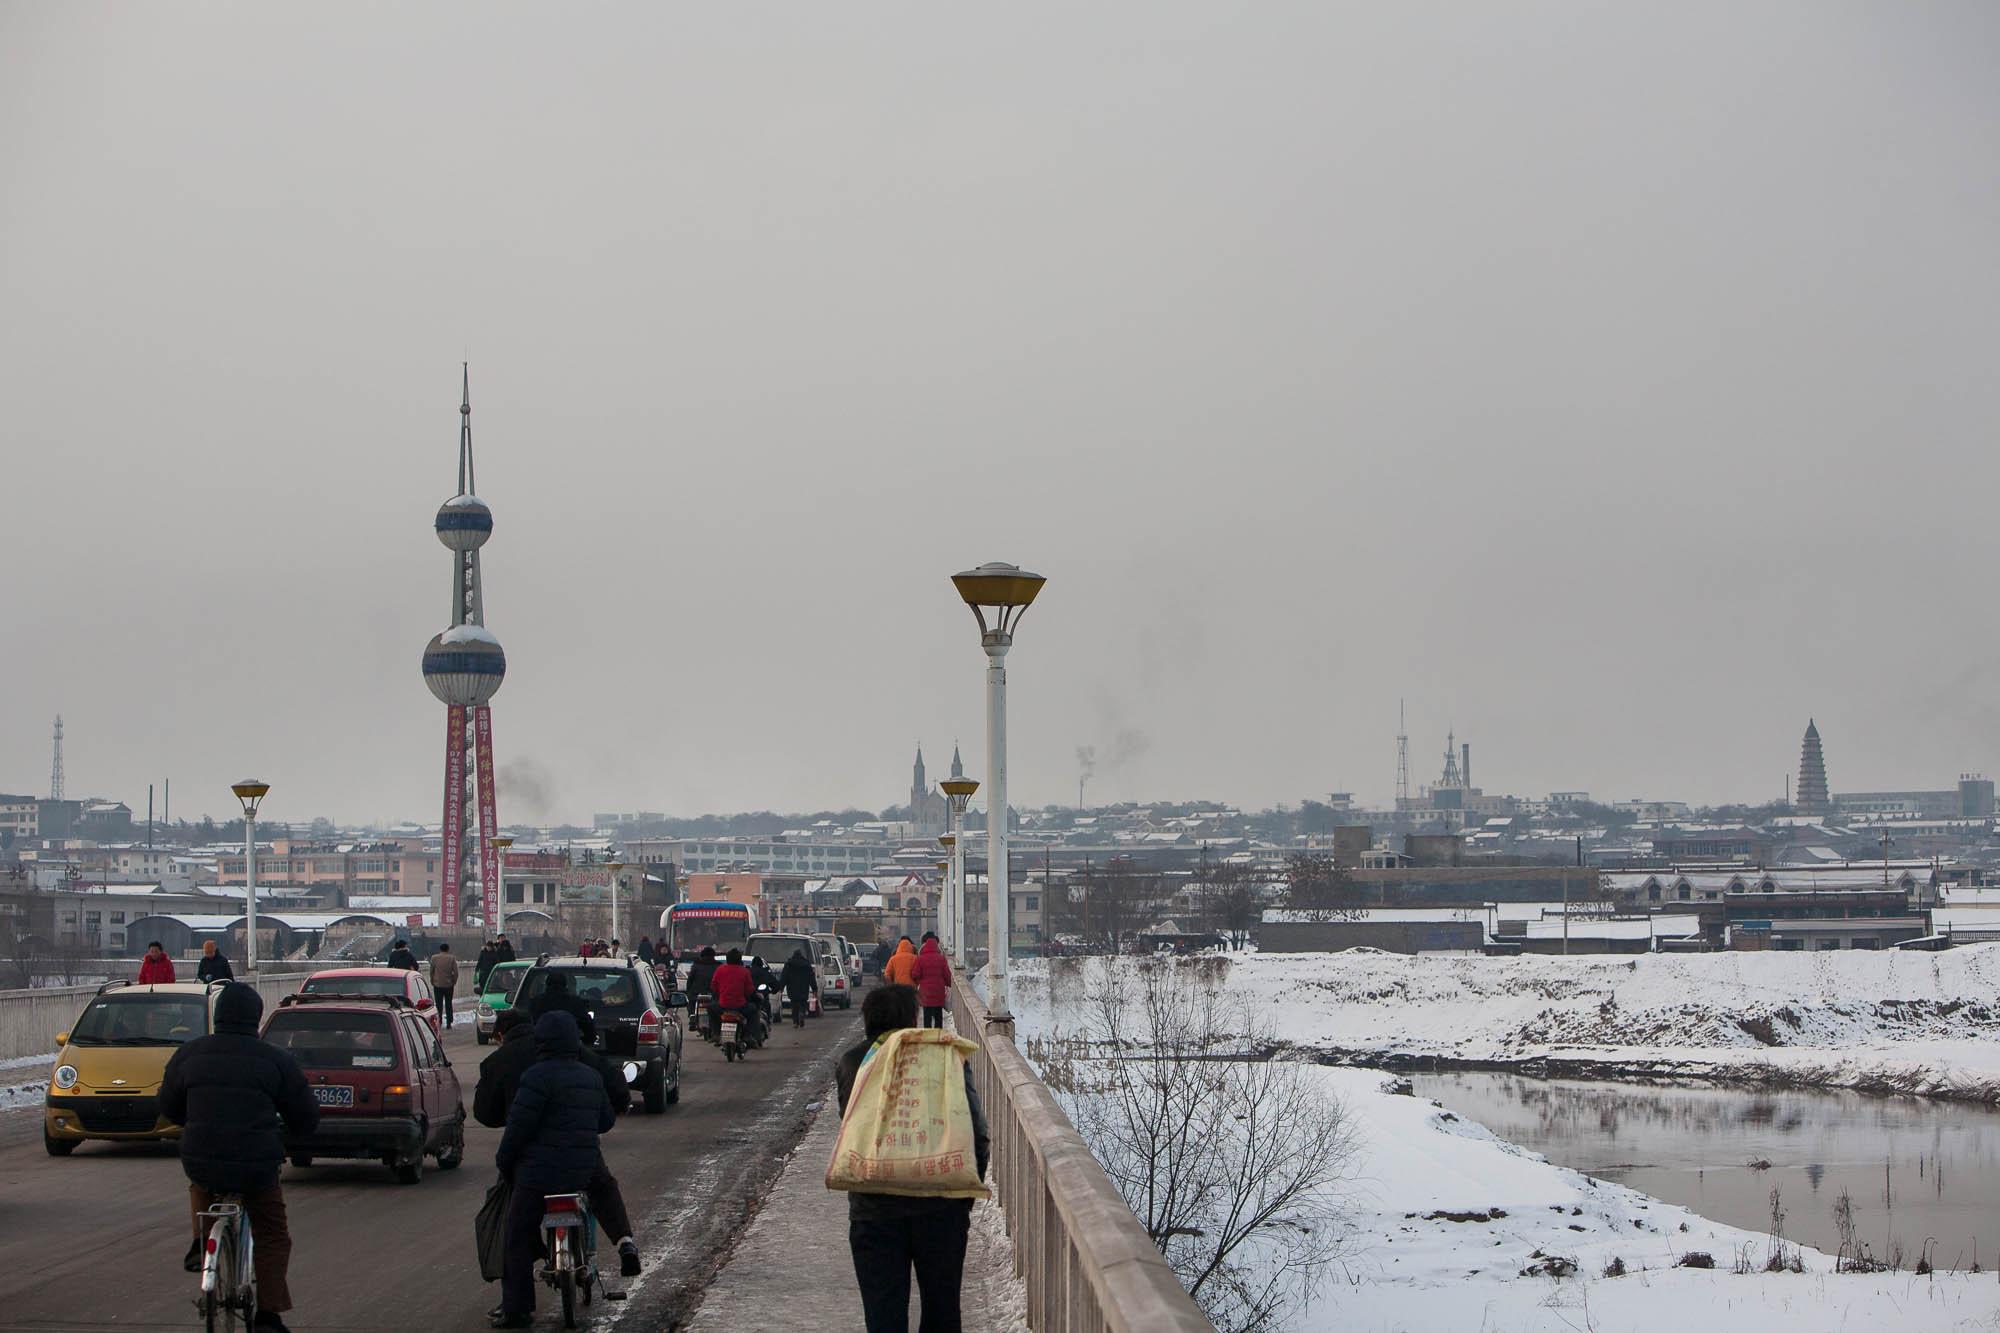 Xinjiang in Shanxi